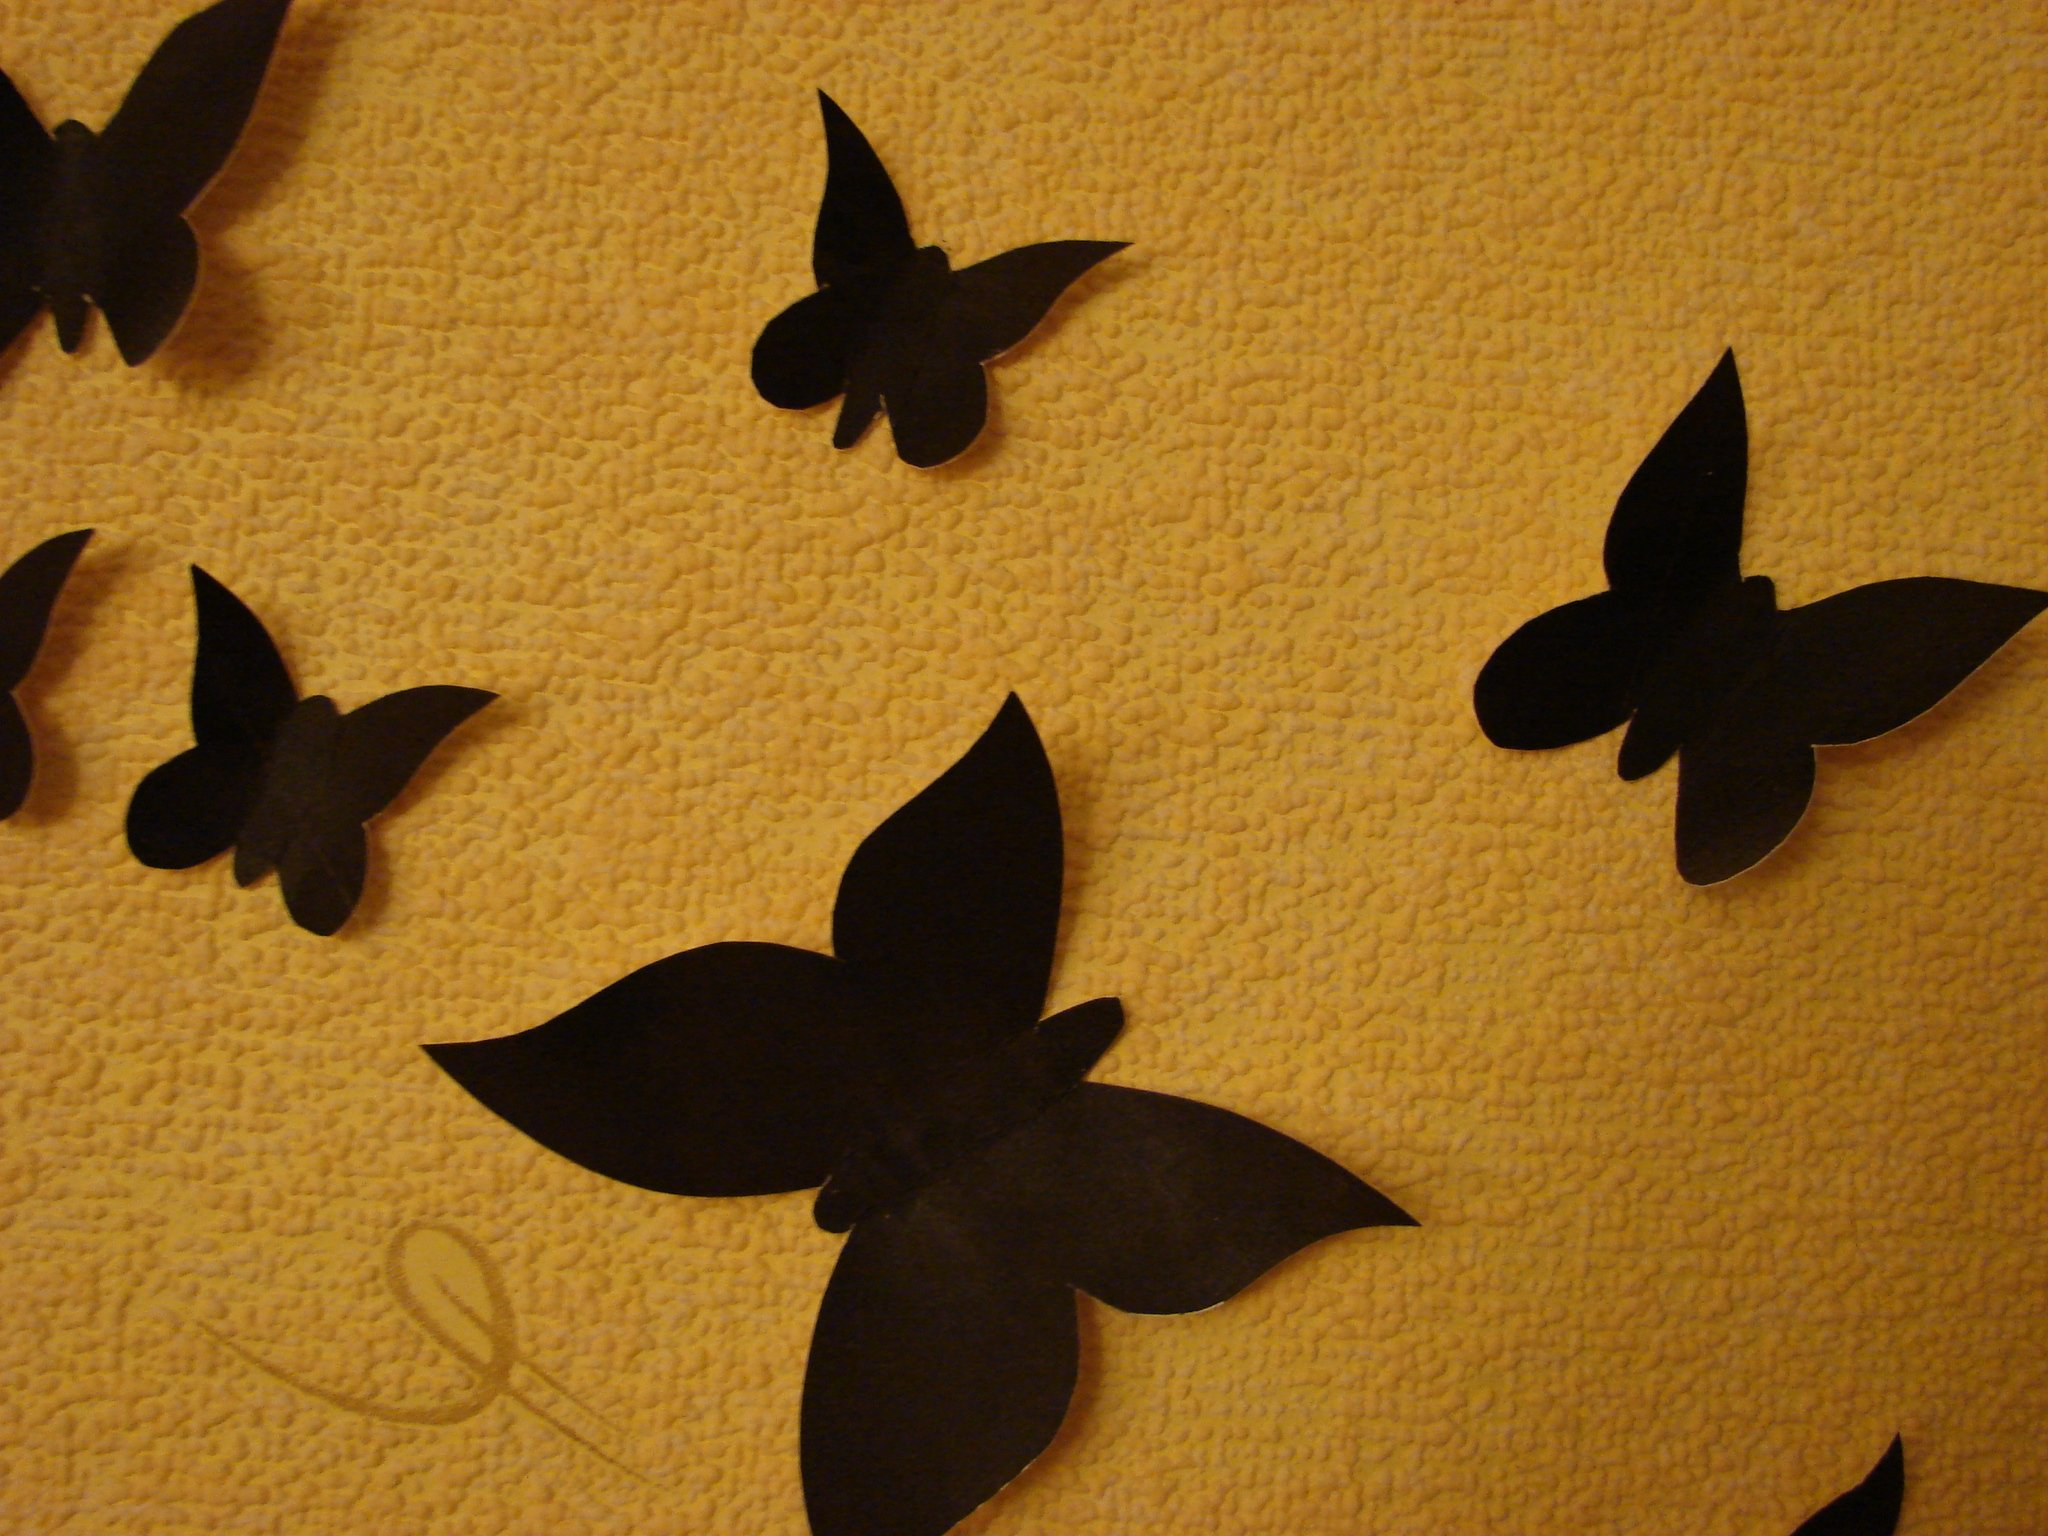 Бабочки для декора своими руками: из бумаги, объемные 11